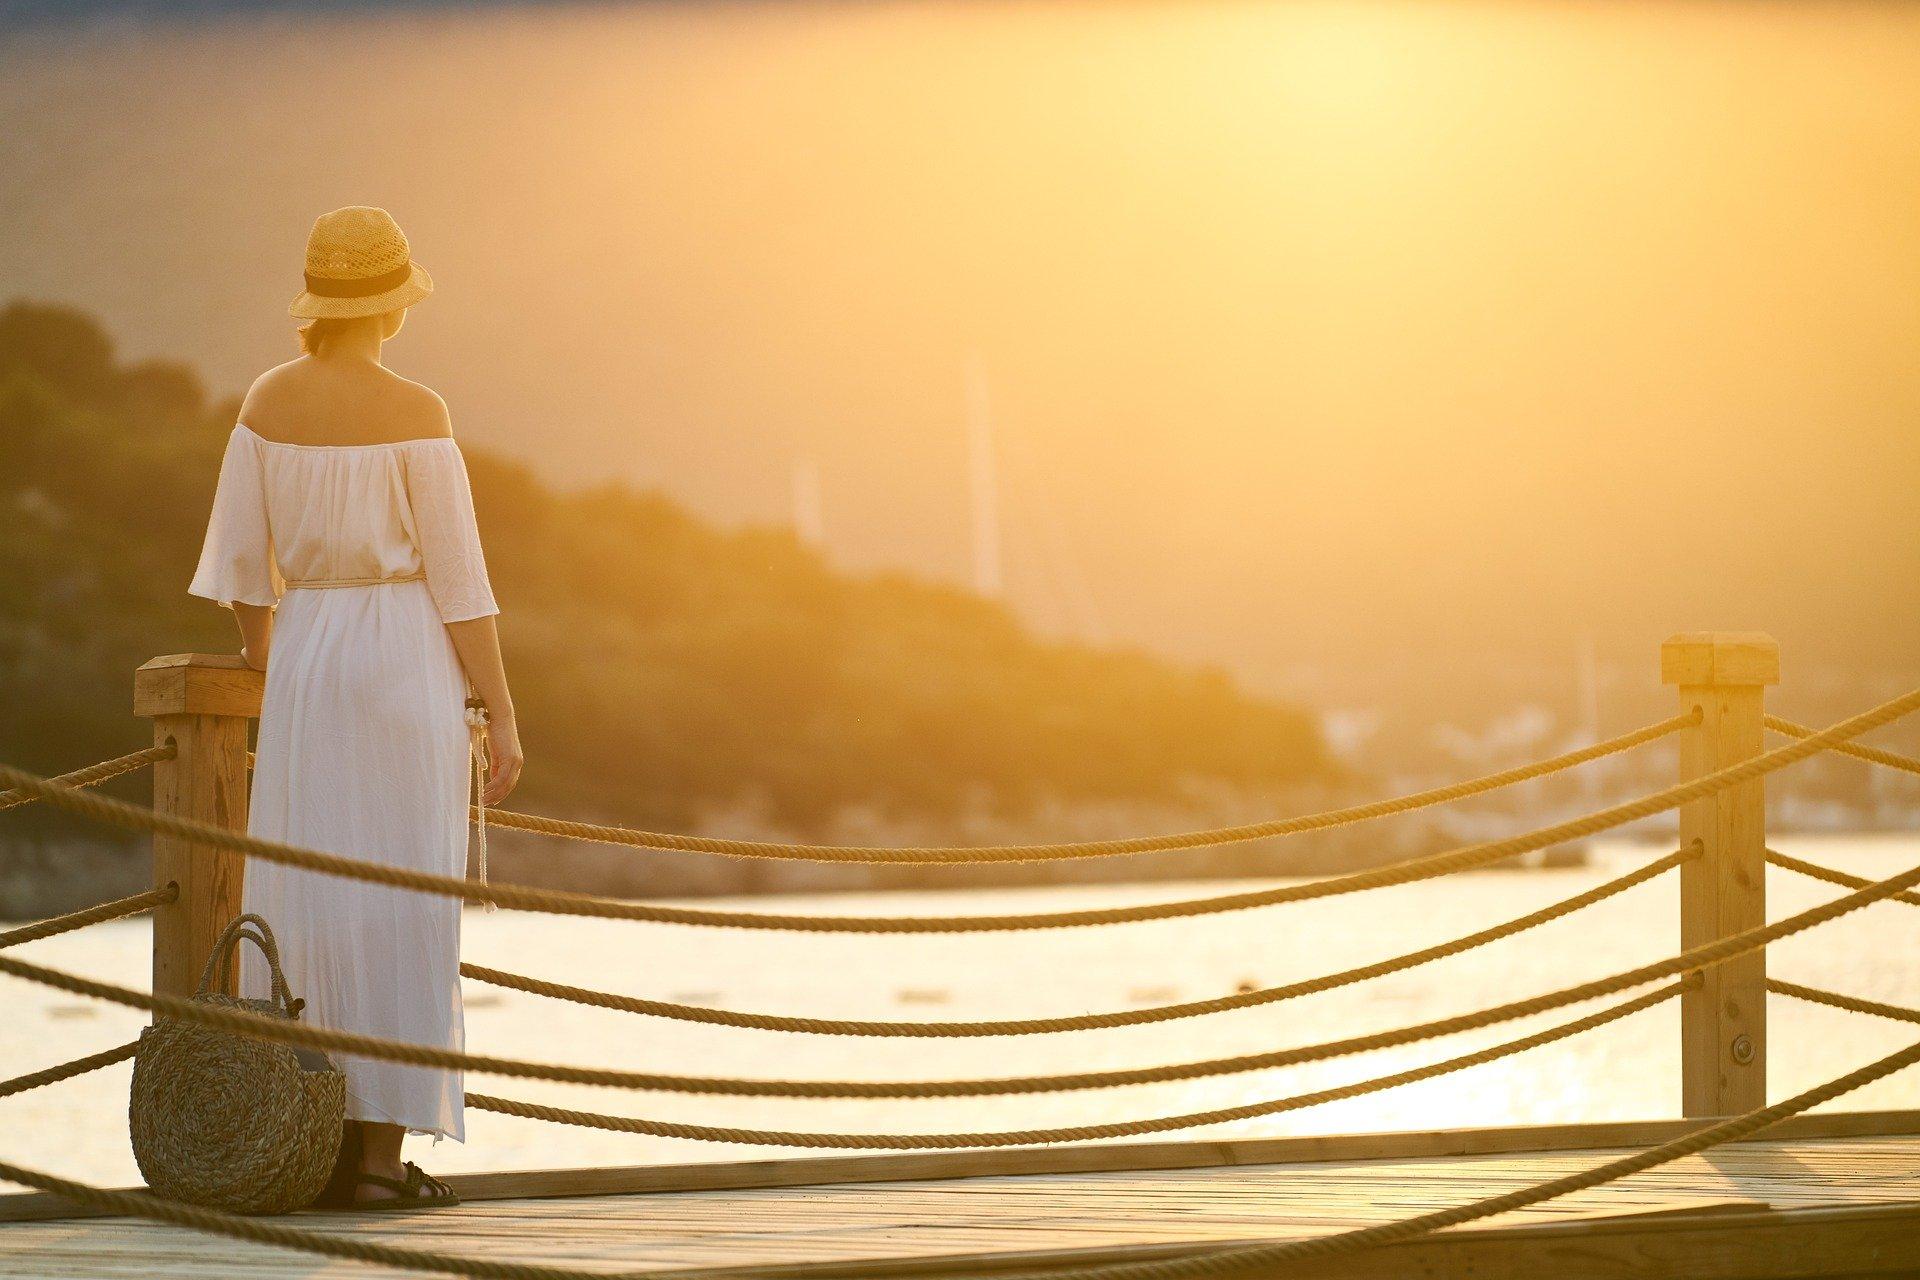 voyage sans supplément pour personne seule